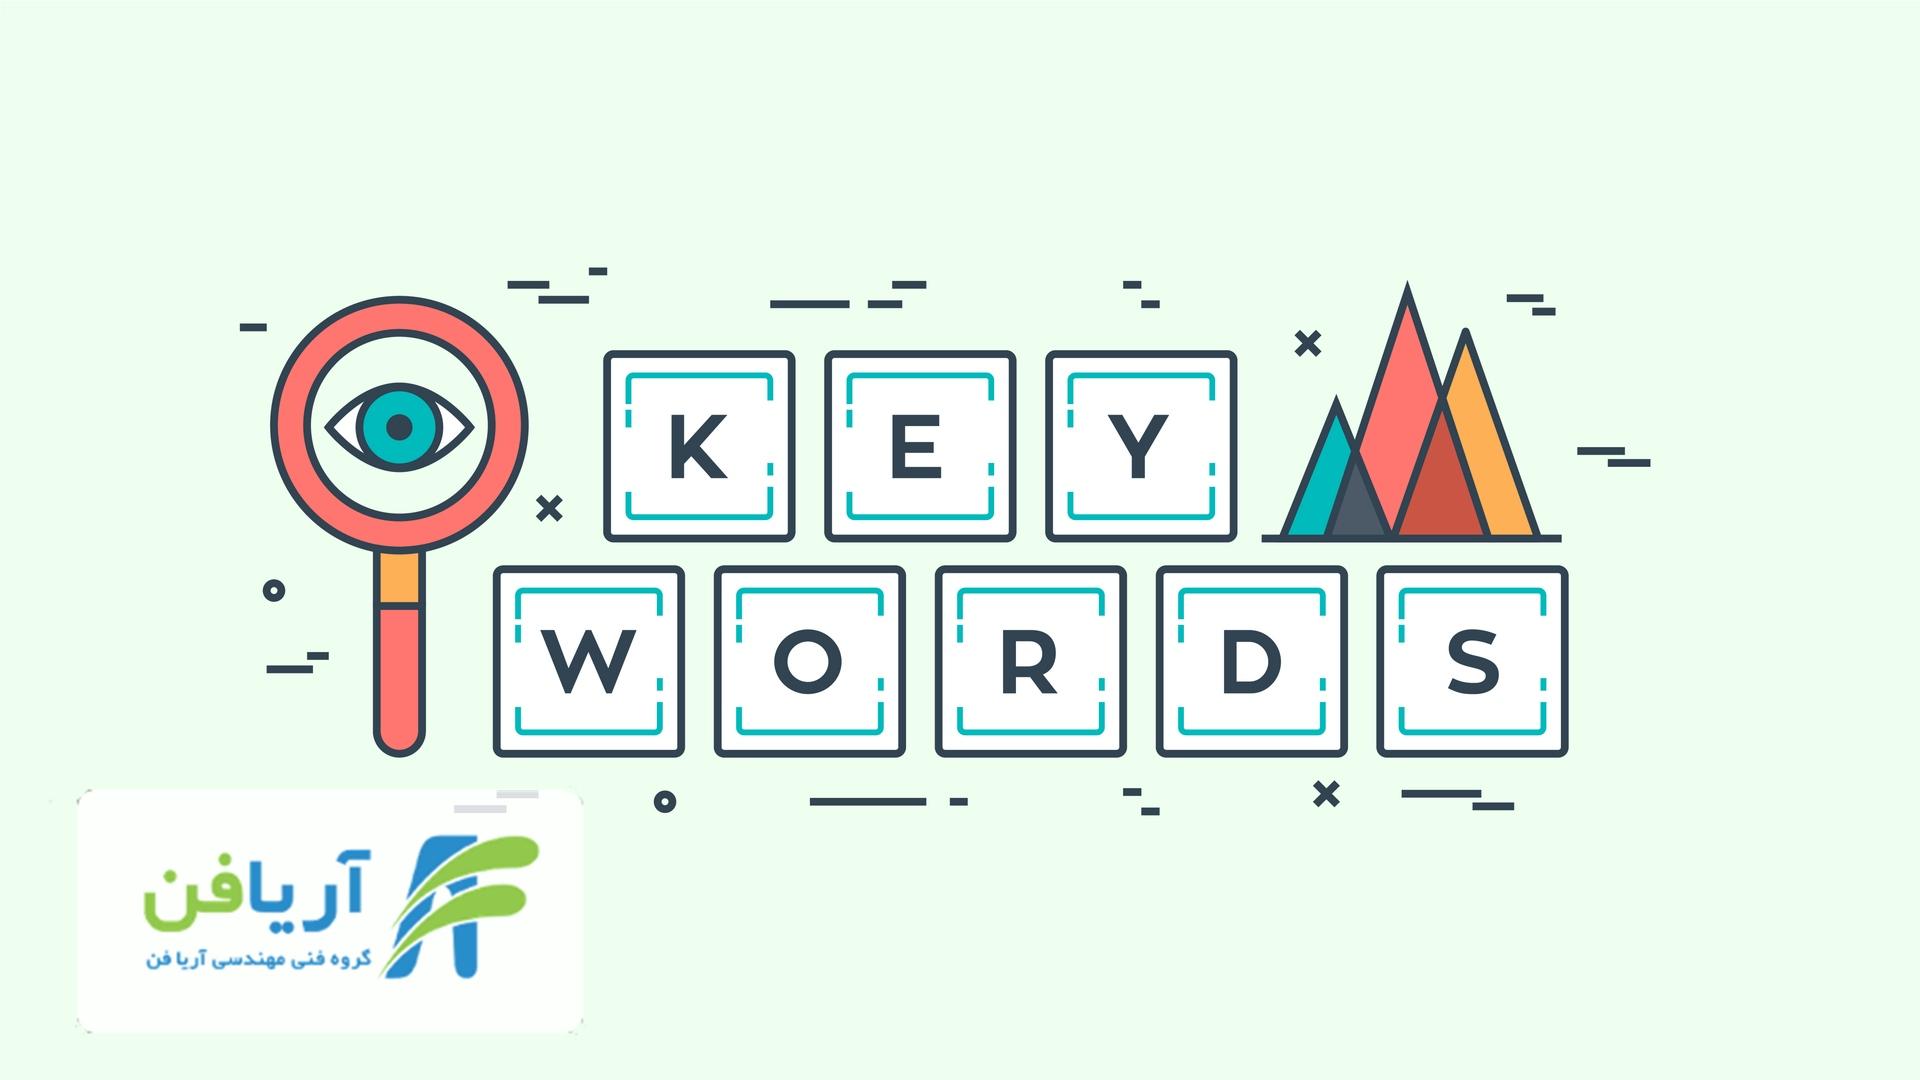 بهترین کلمات کلیدی